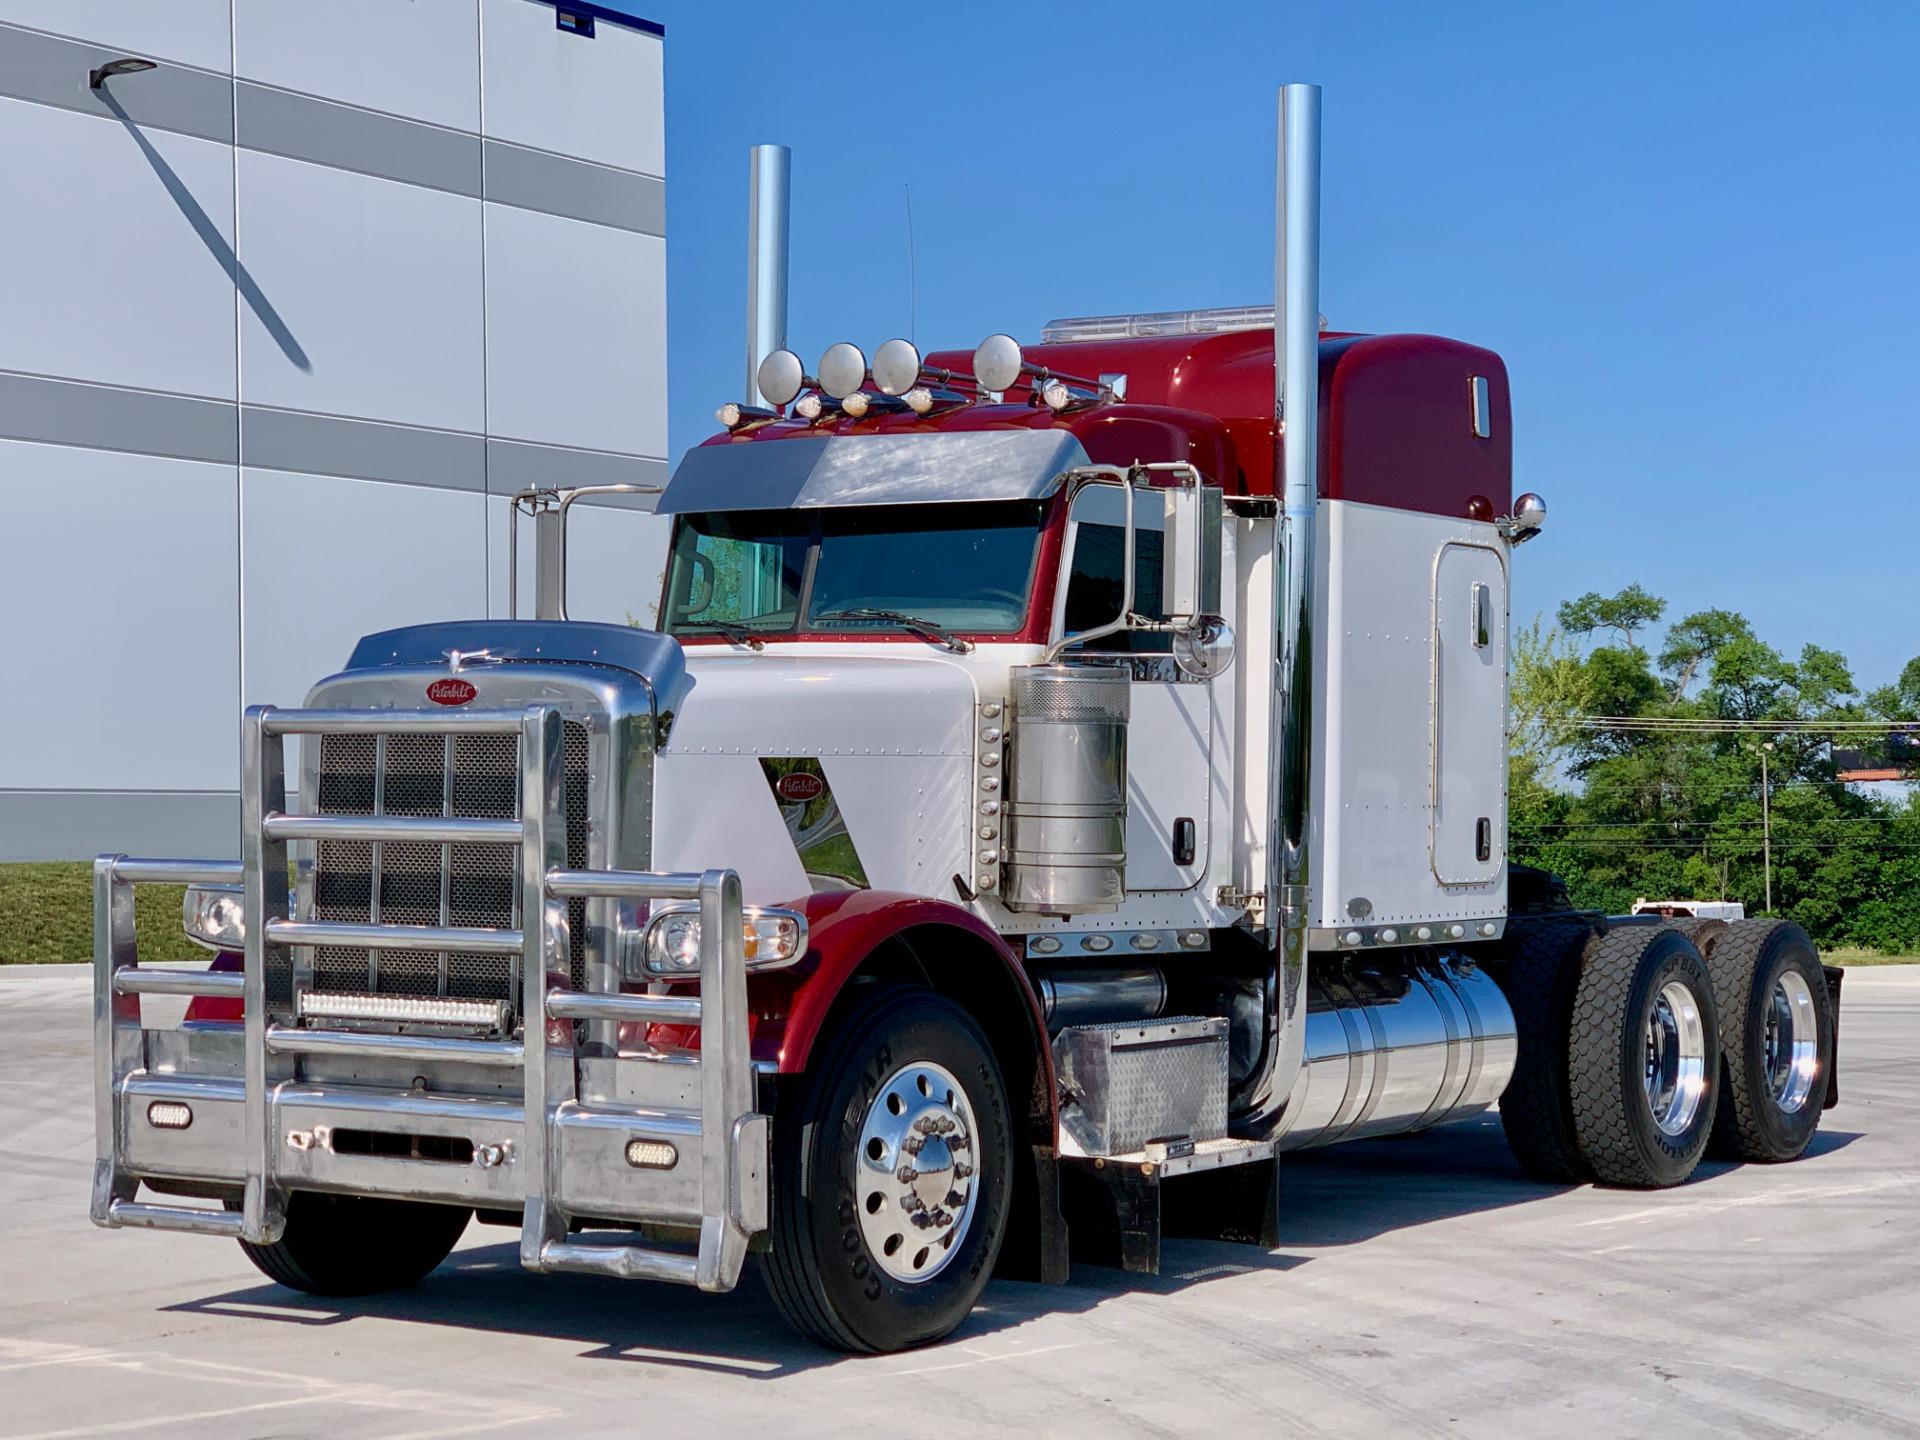 Used-2011-Peterbilt-388-Sleeper-Truck-Trackor